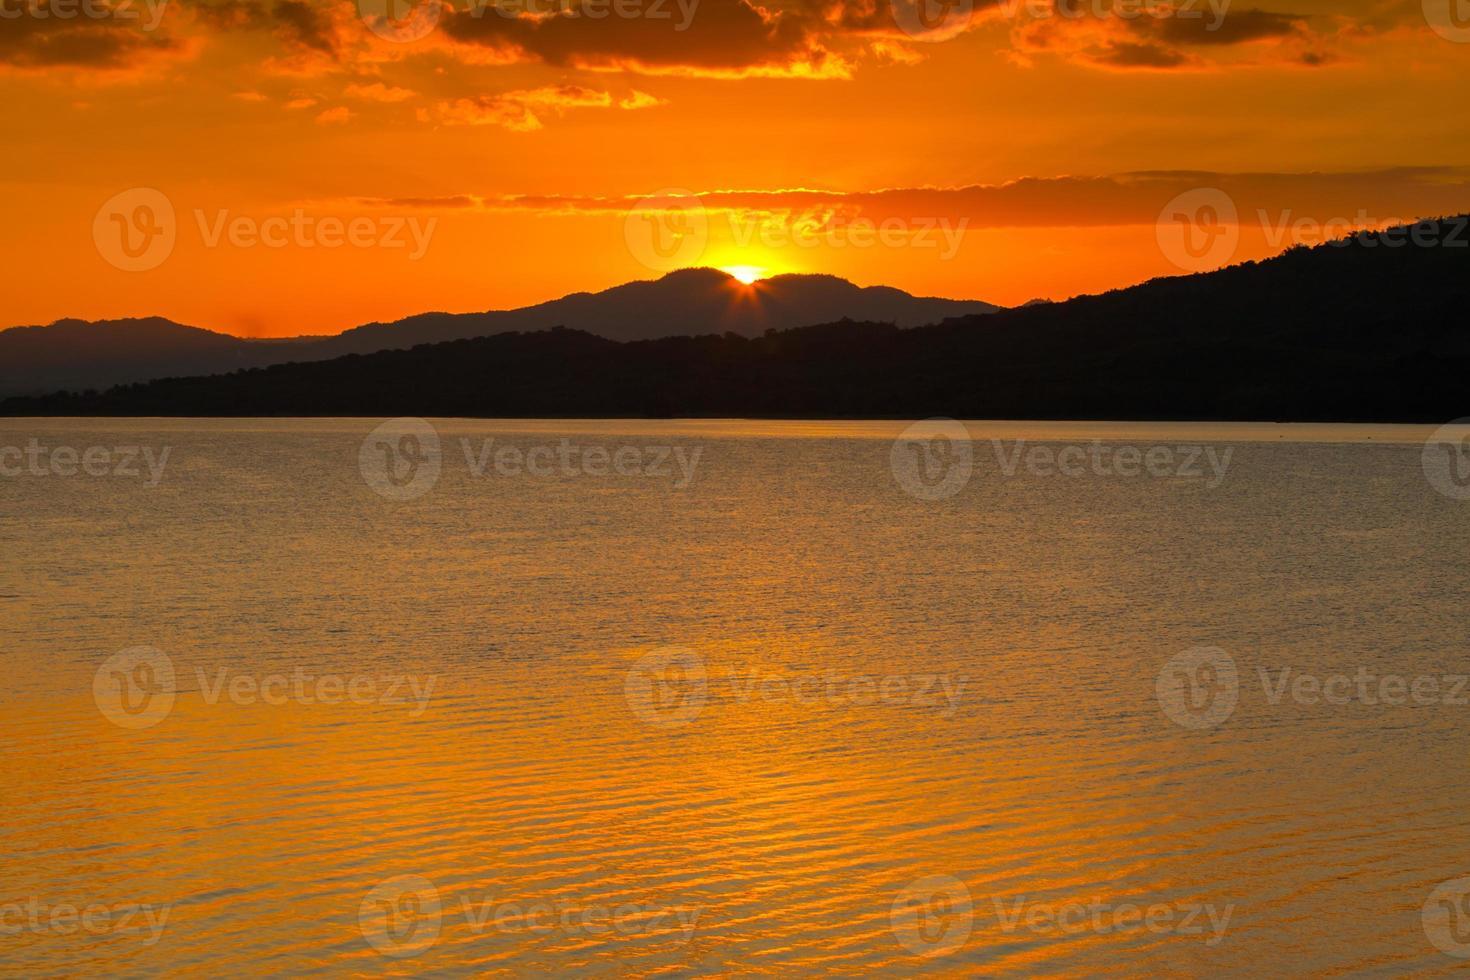 coucher de soleil orange vif sur les montagnes et l'océan photo